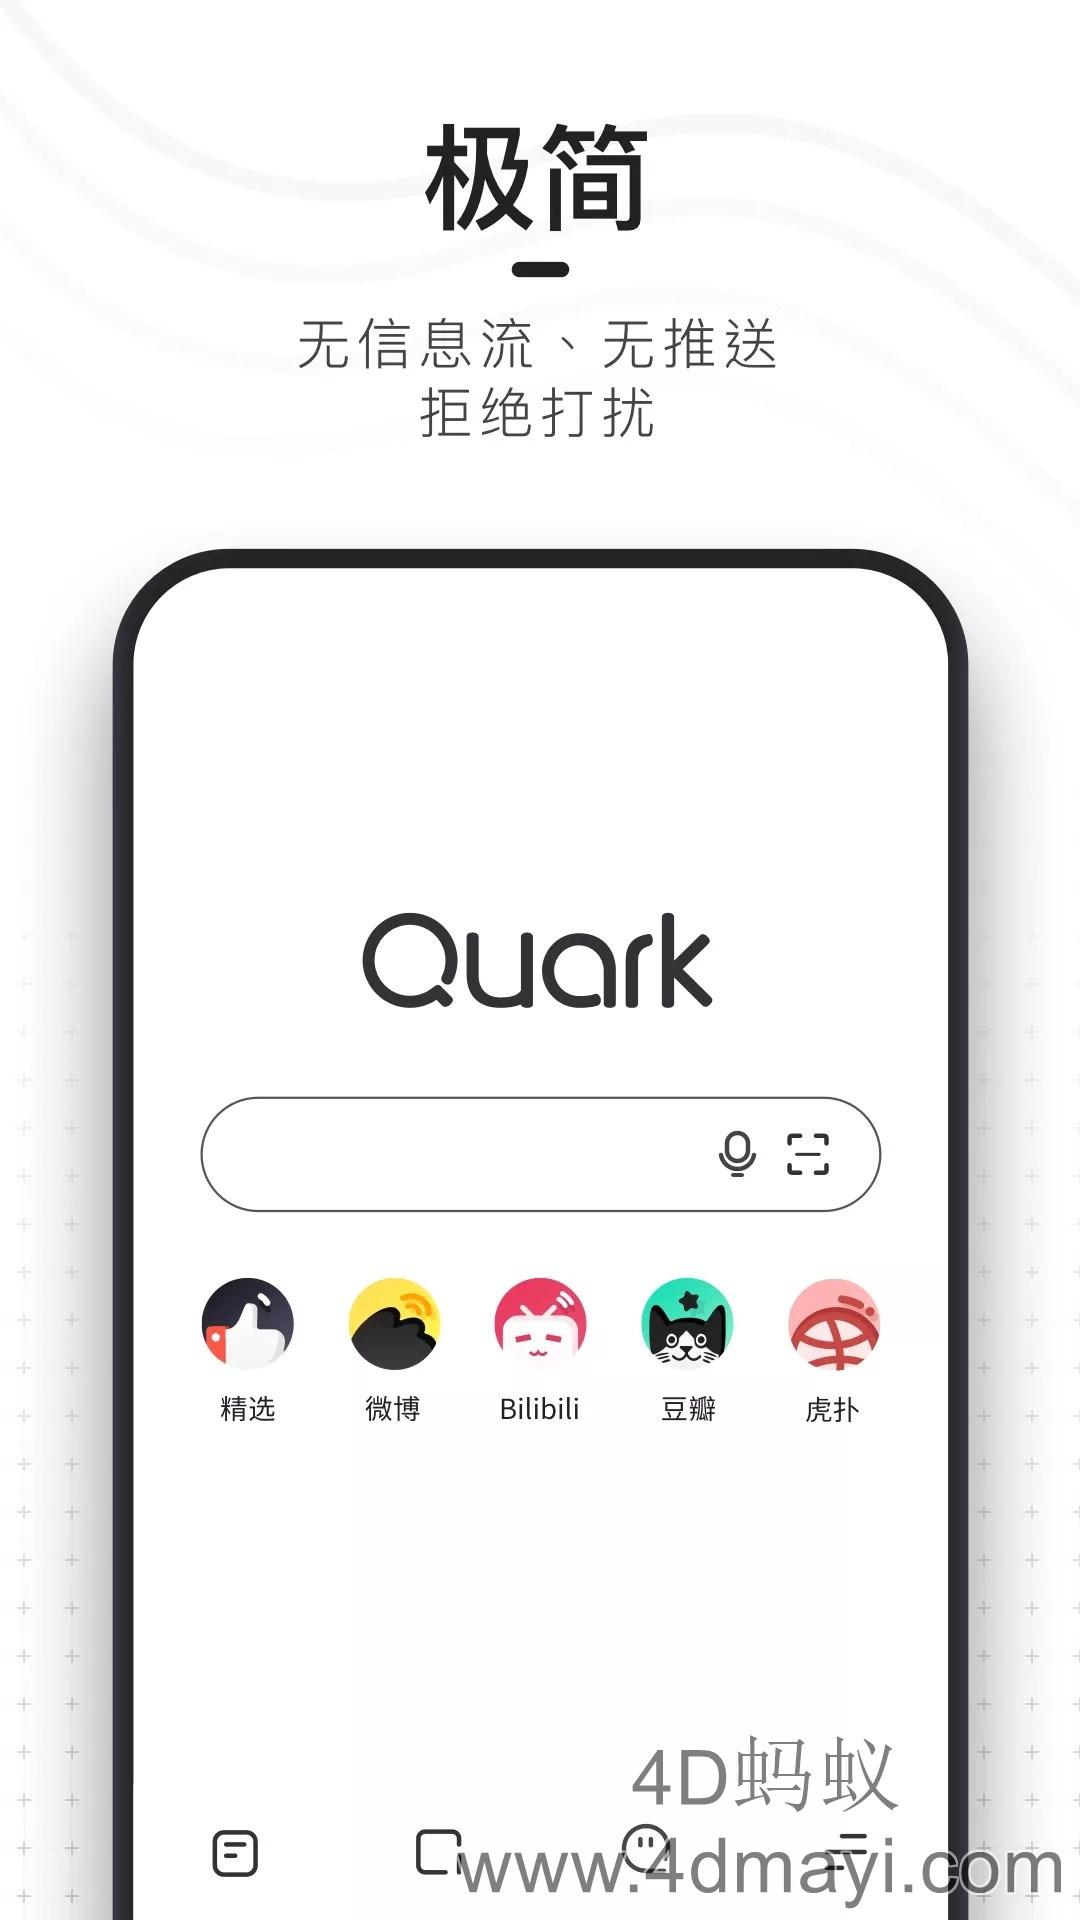 夸克浏览器 v3.4.3.116 无广告的简约手机浏览器 安卓&ios